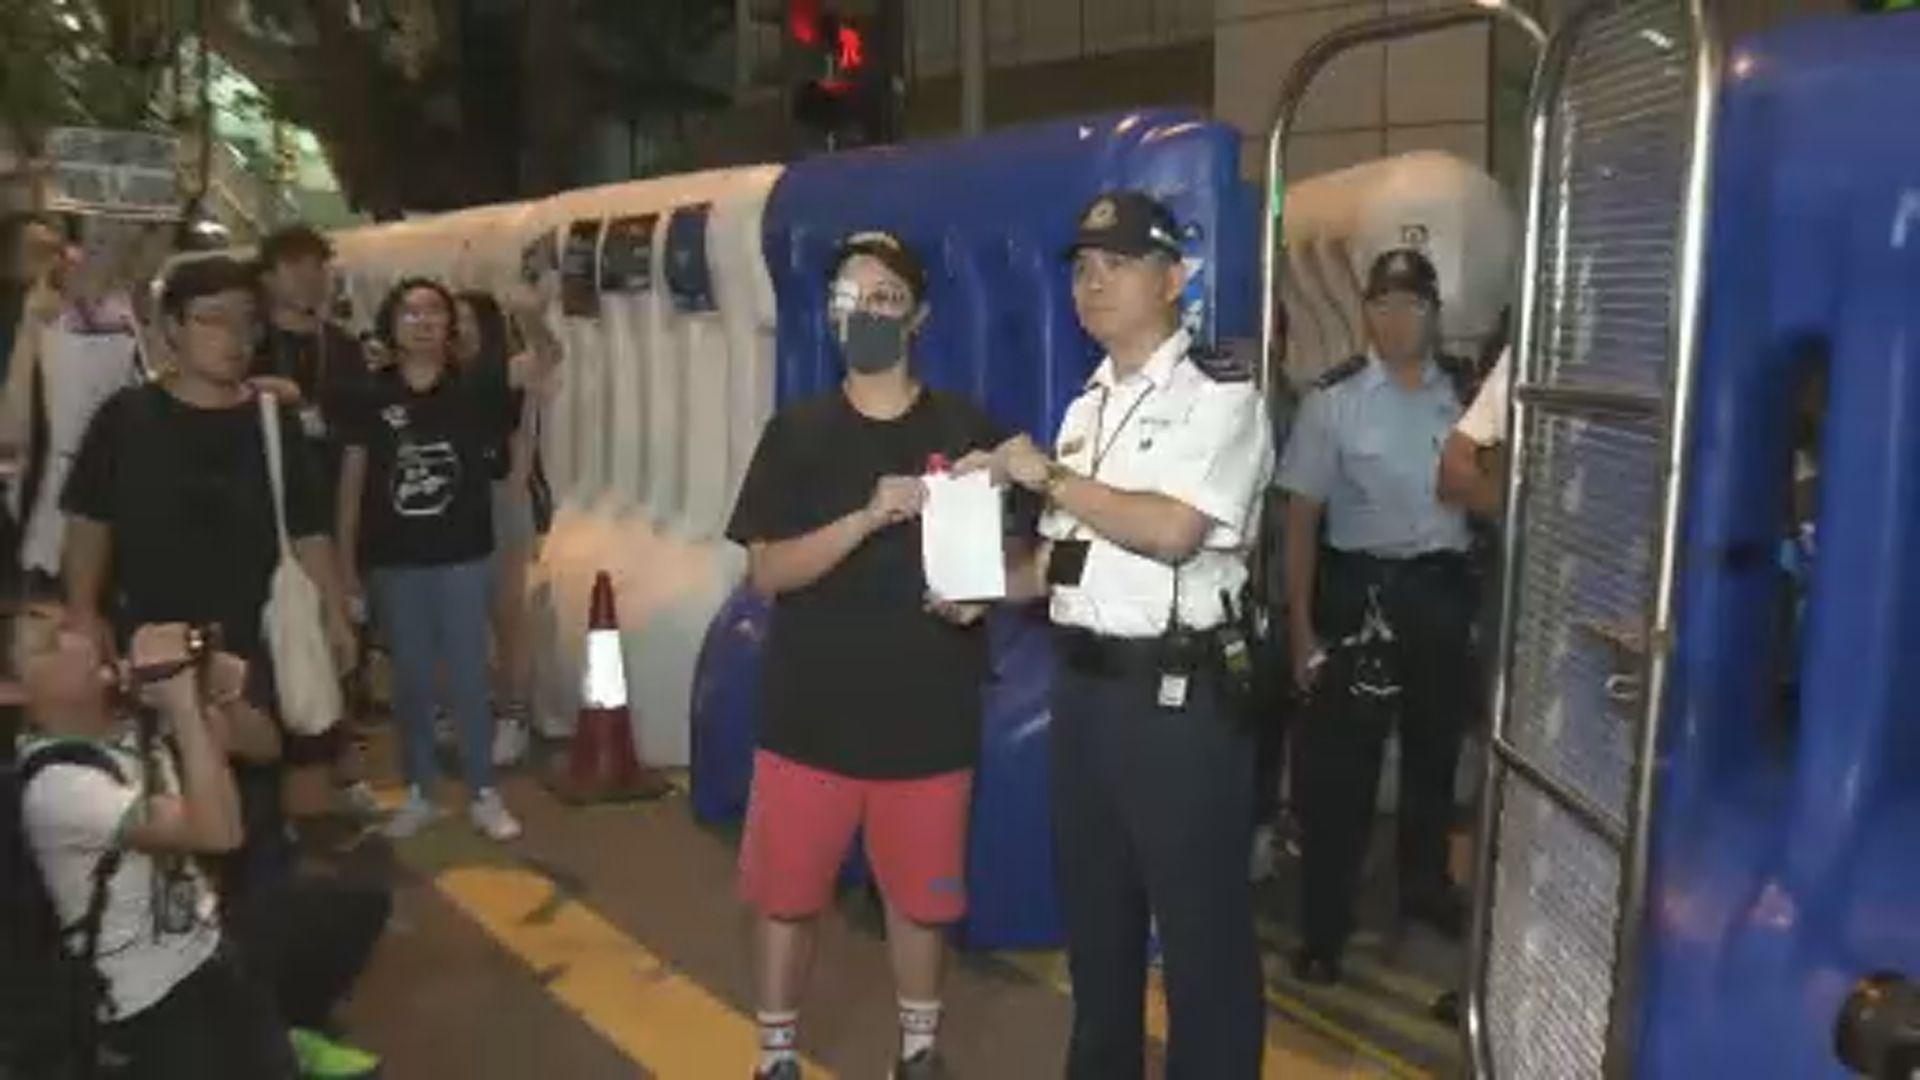 社福界發起集會抗議警方執法濫暴